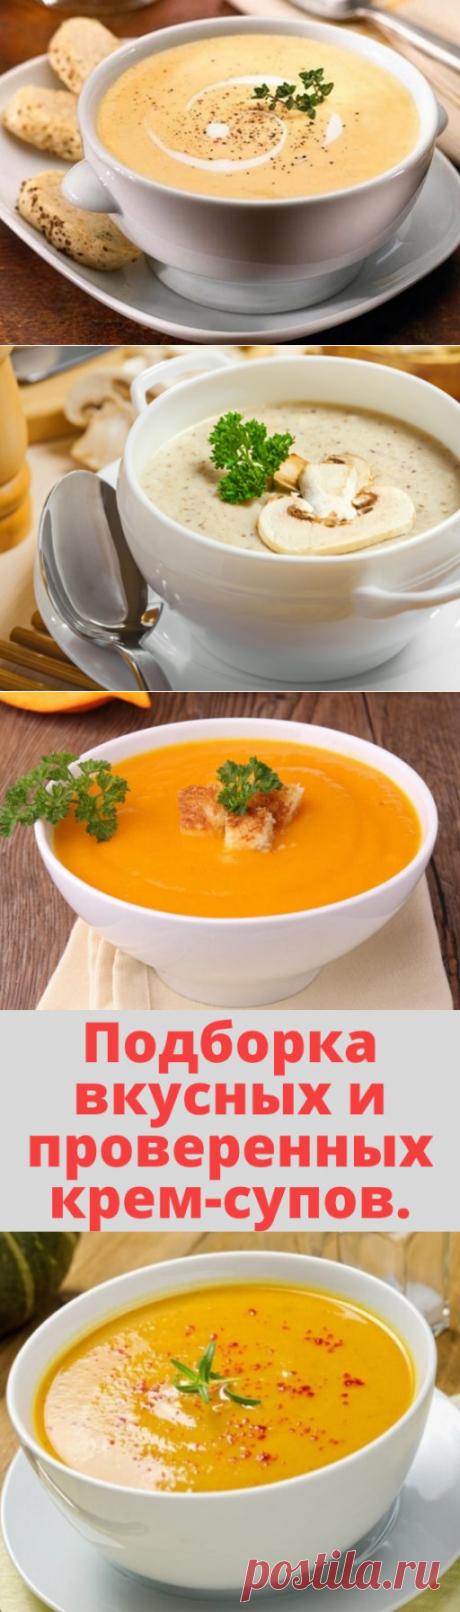 Подборка вкусных и проверенных крем-супов. - My izumrud